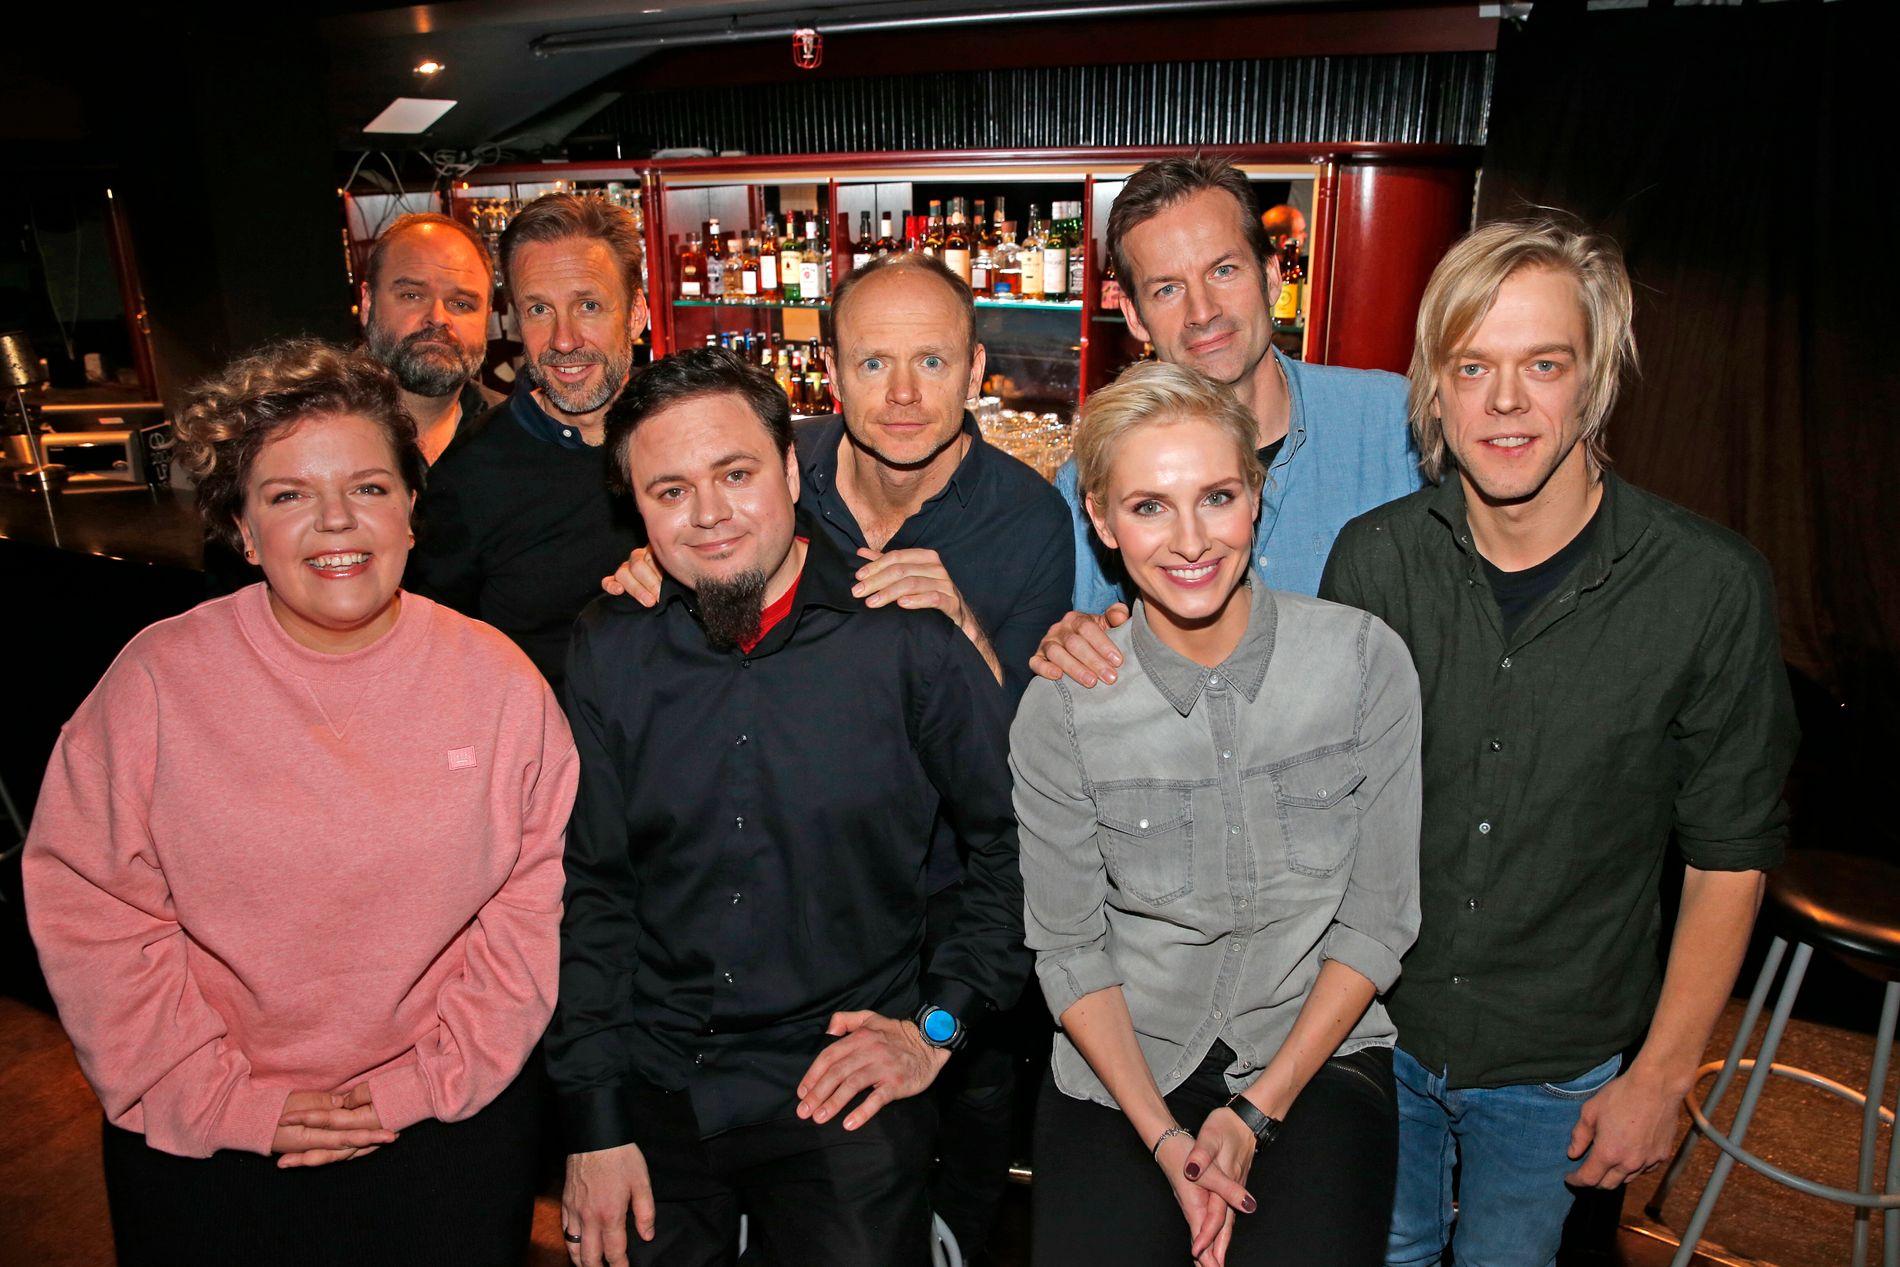 SKAL LAGE HUMOR: Denne gjengen utgjør nye «Mandagsklubben» på TVNorge. Foran fra venstre: Else Kåss Furuseth, Dag Sørås, Anne Rimmen og Calle Hellevang-Larsen. Bak fra venstre: Atle Antonsen, Thomas Giertsen, Harald Eia og Jon Almaas.